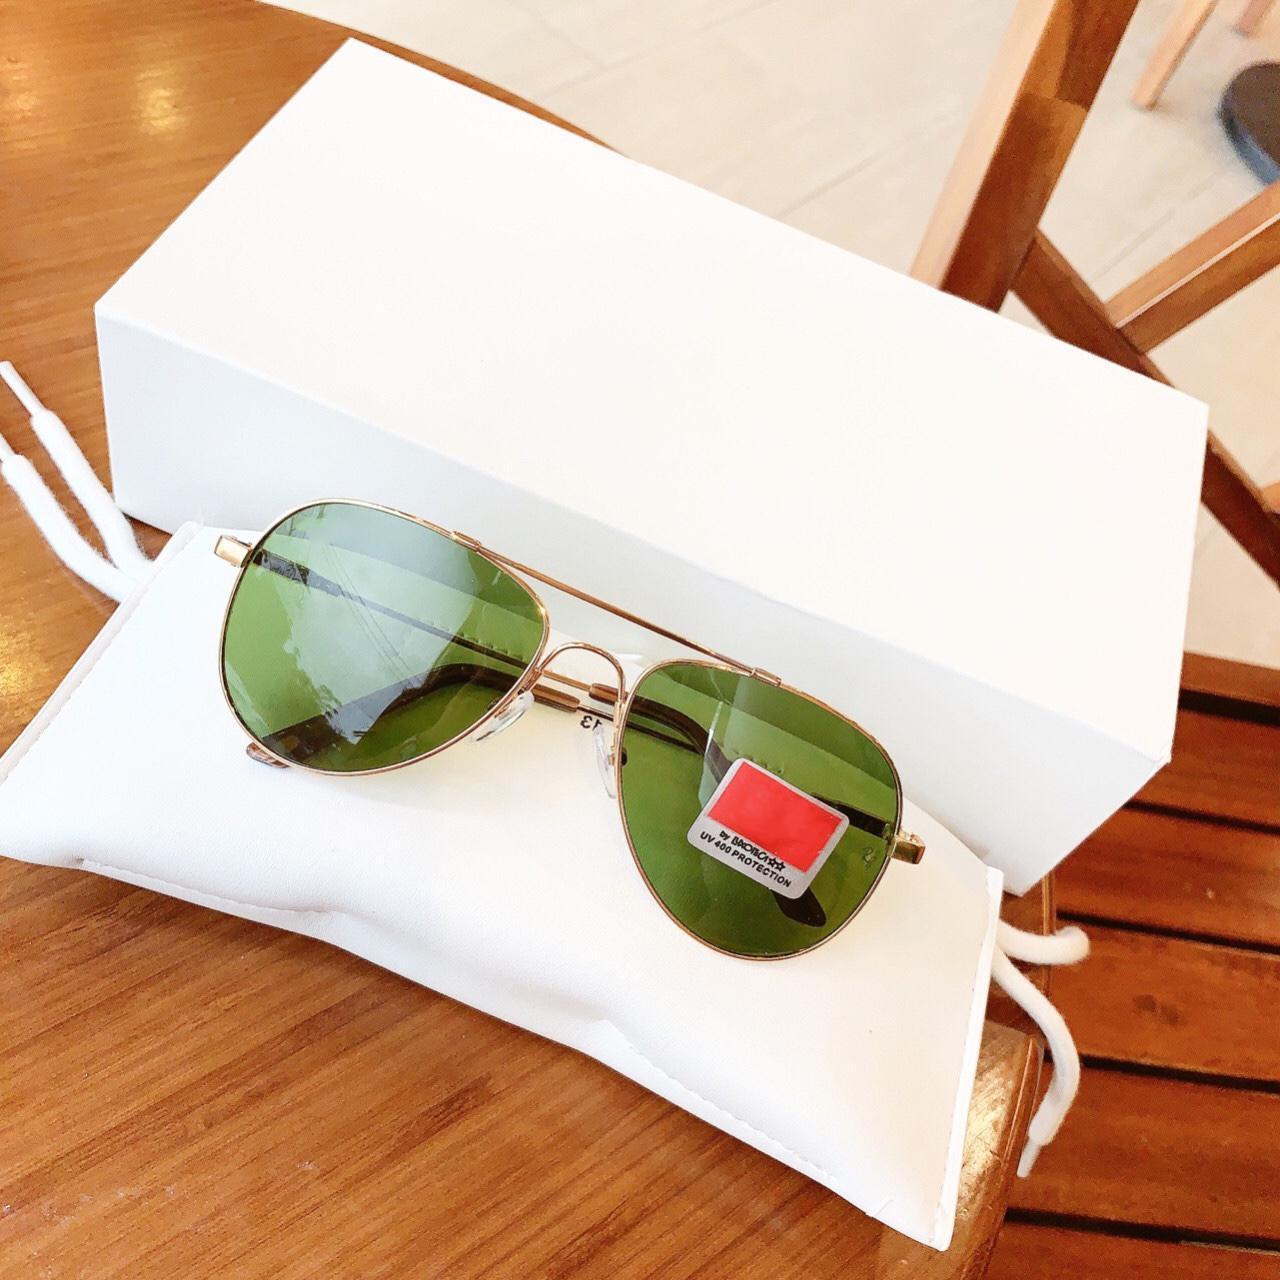 Mắt kính thời trang nam cao cấp , Gọng kính có thể bẻ cong, giúp kính hạn chế gãy, Tròng kính chống tia UV BDRBDEO